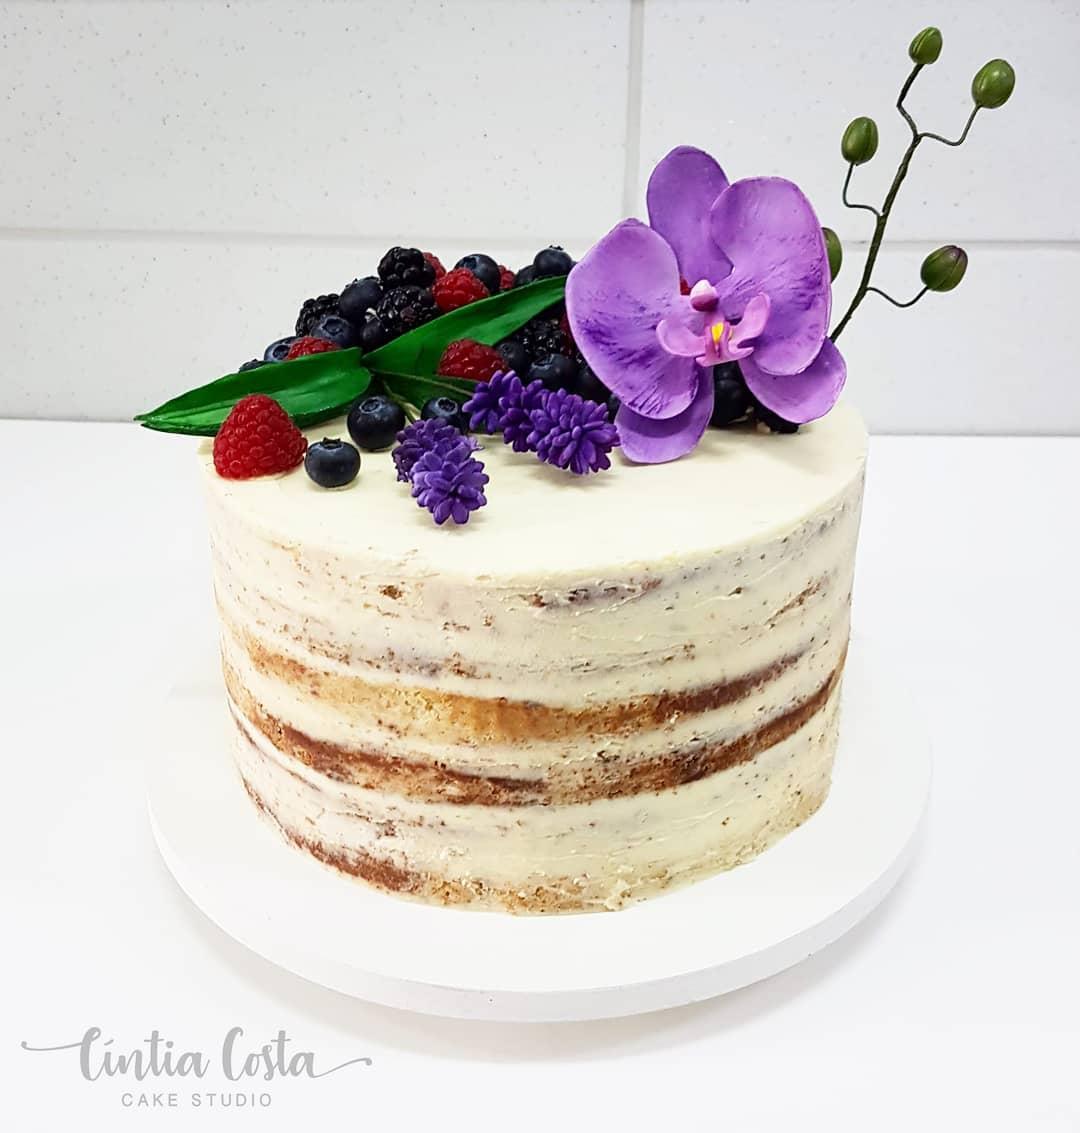 Bolo semi naked cake de casamento com frutas vermelhas e flores de açúcar. FEito por Cake Studio ( www.cakestudio.com.br | contato@cakestudio.com.br )